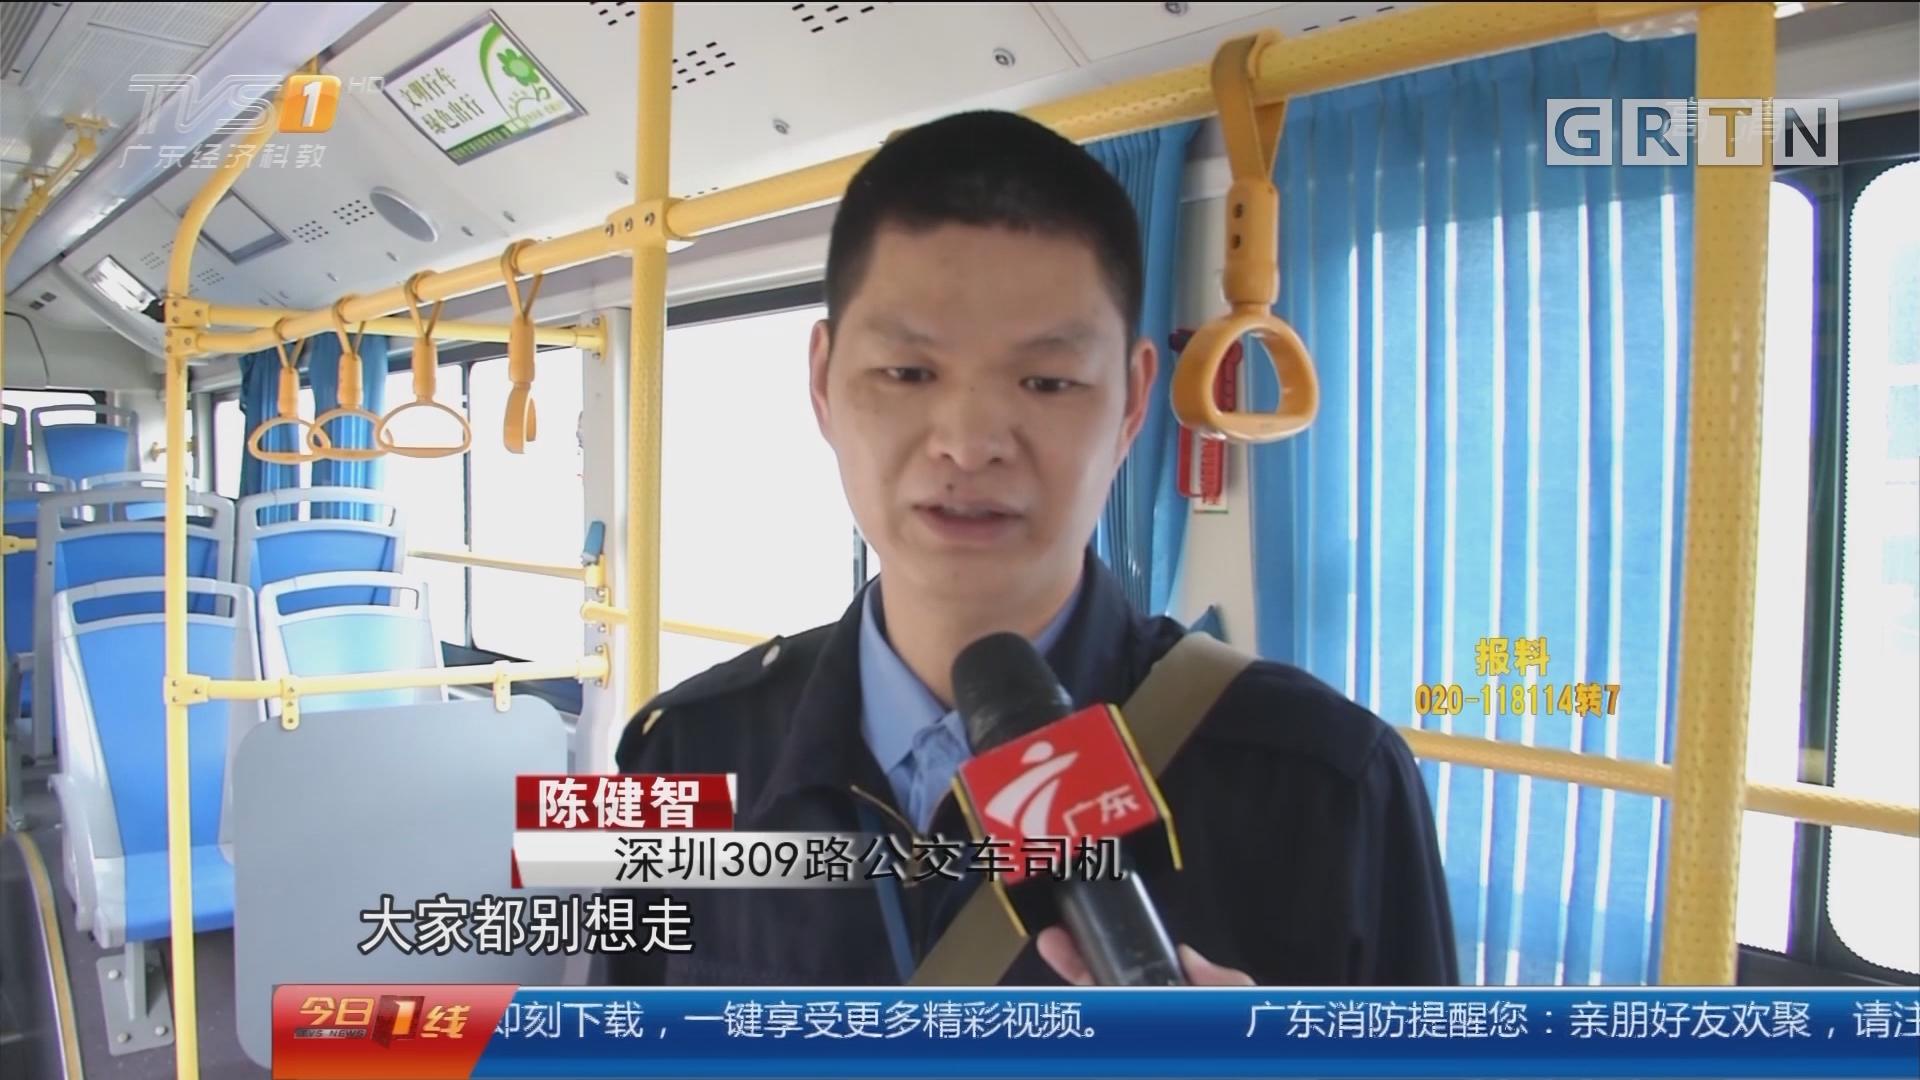 深圳:男子带4斤白酒上公交被阻止